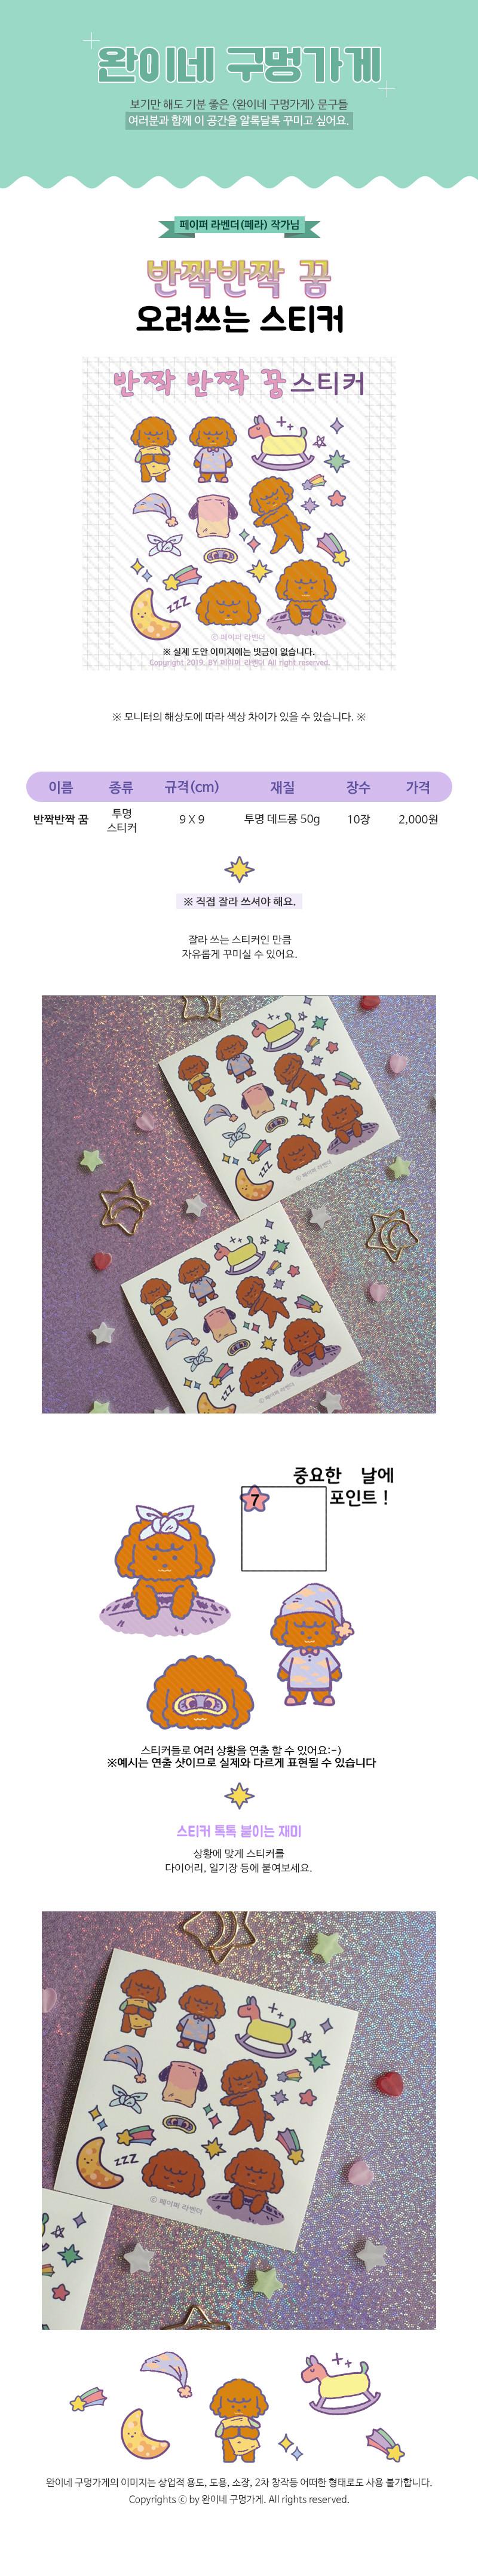 sticker32